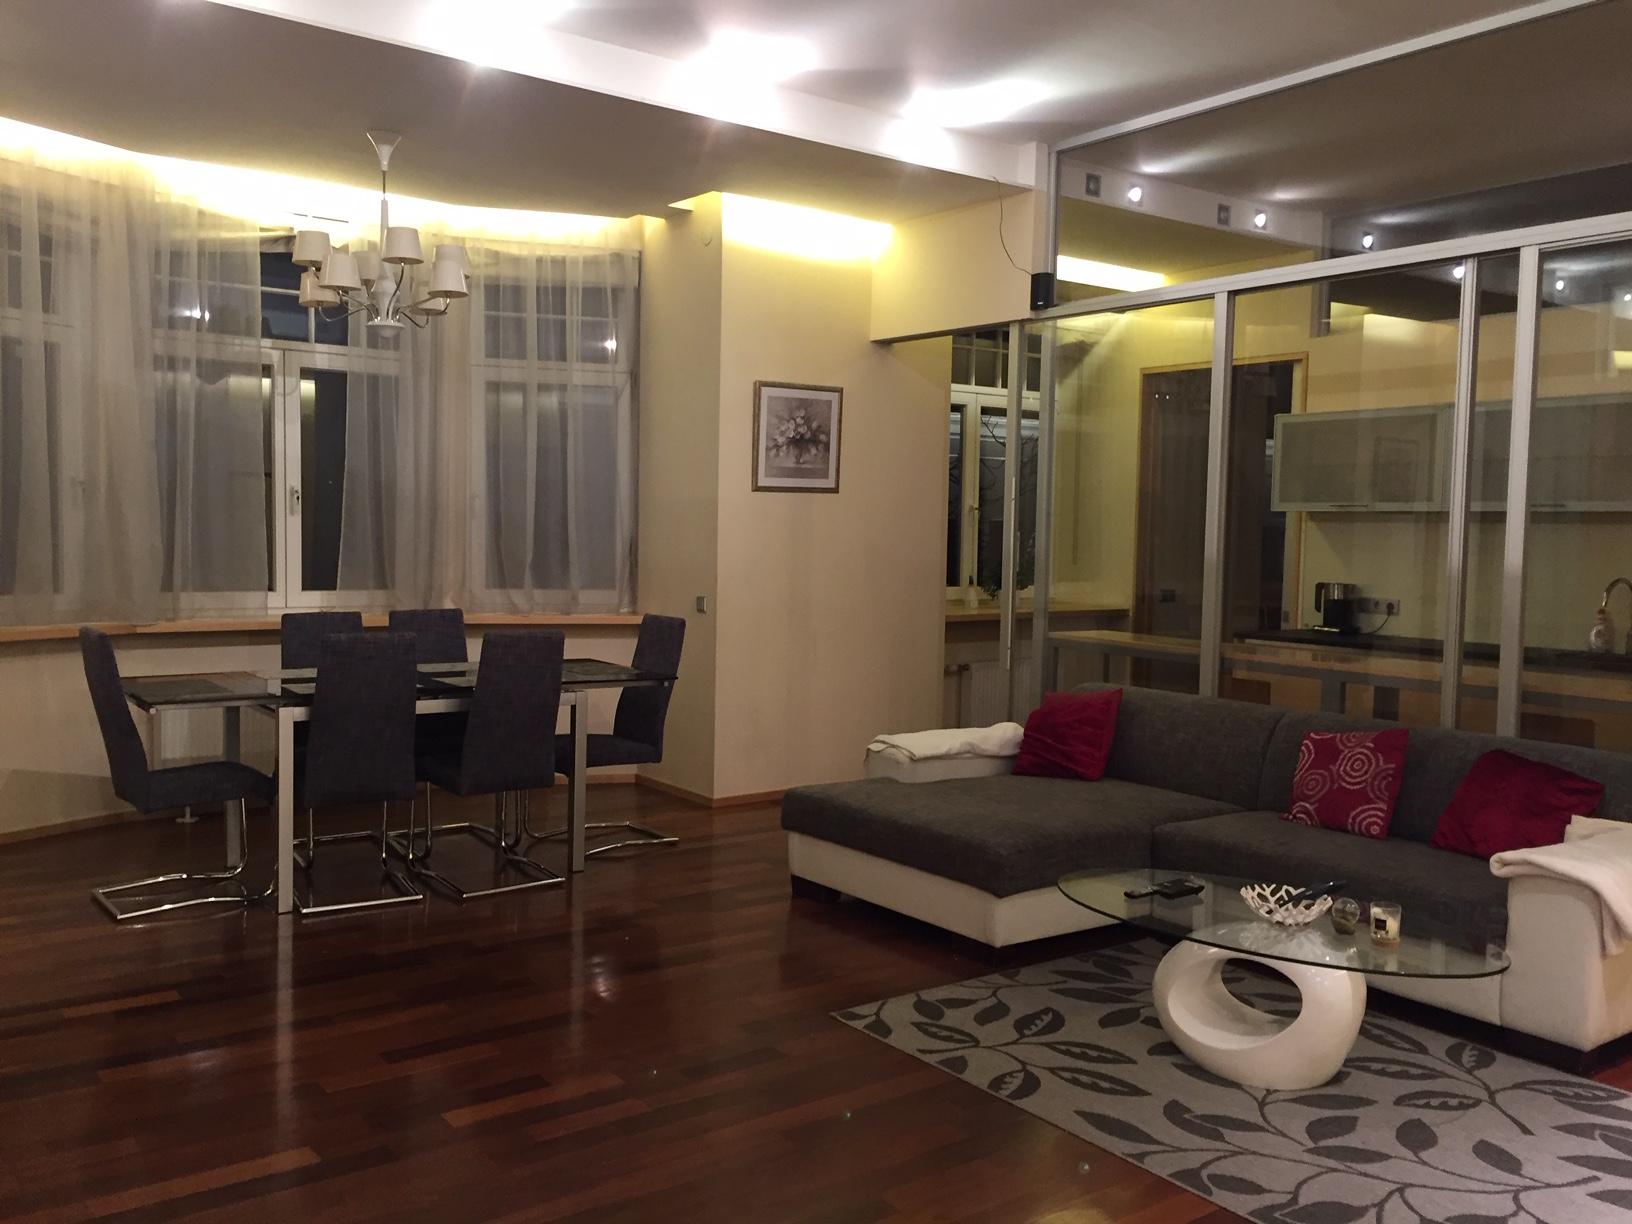 Сдается просторная, современная квартира в тихом центре